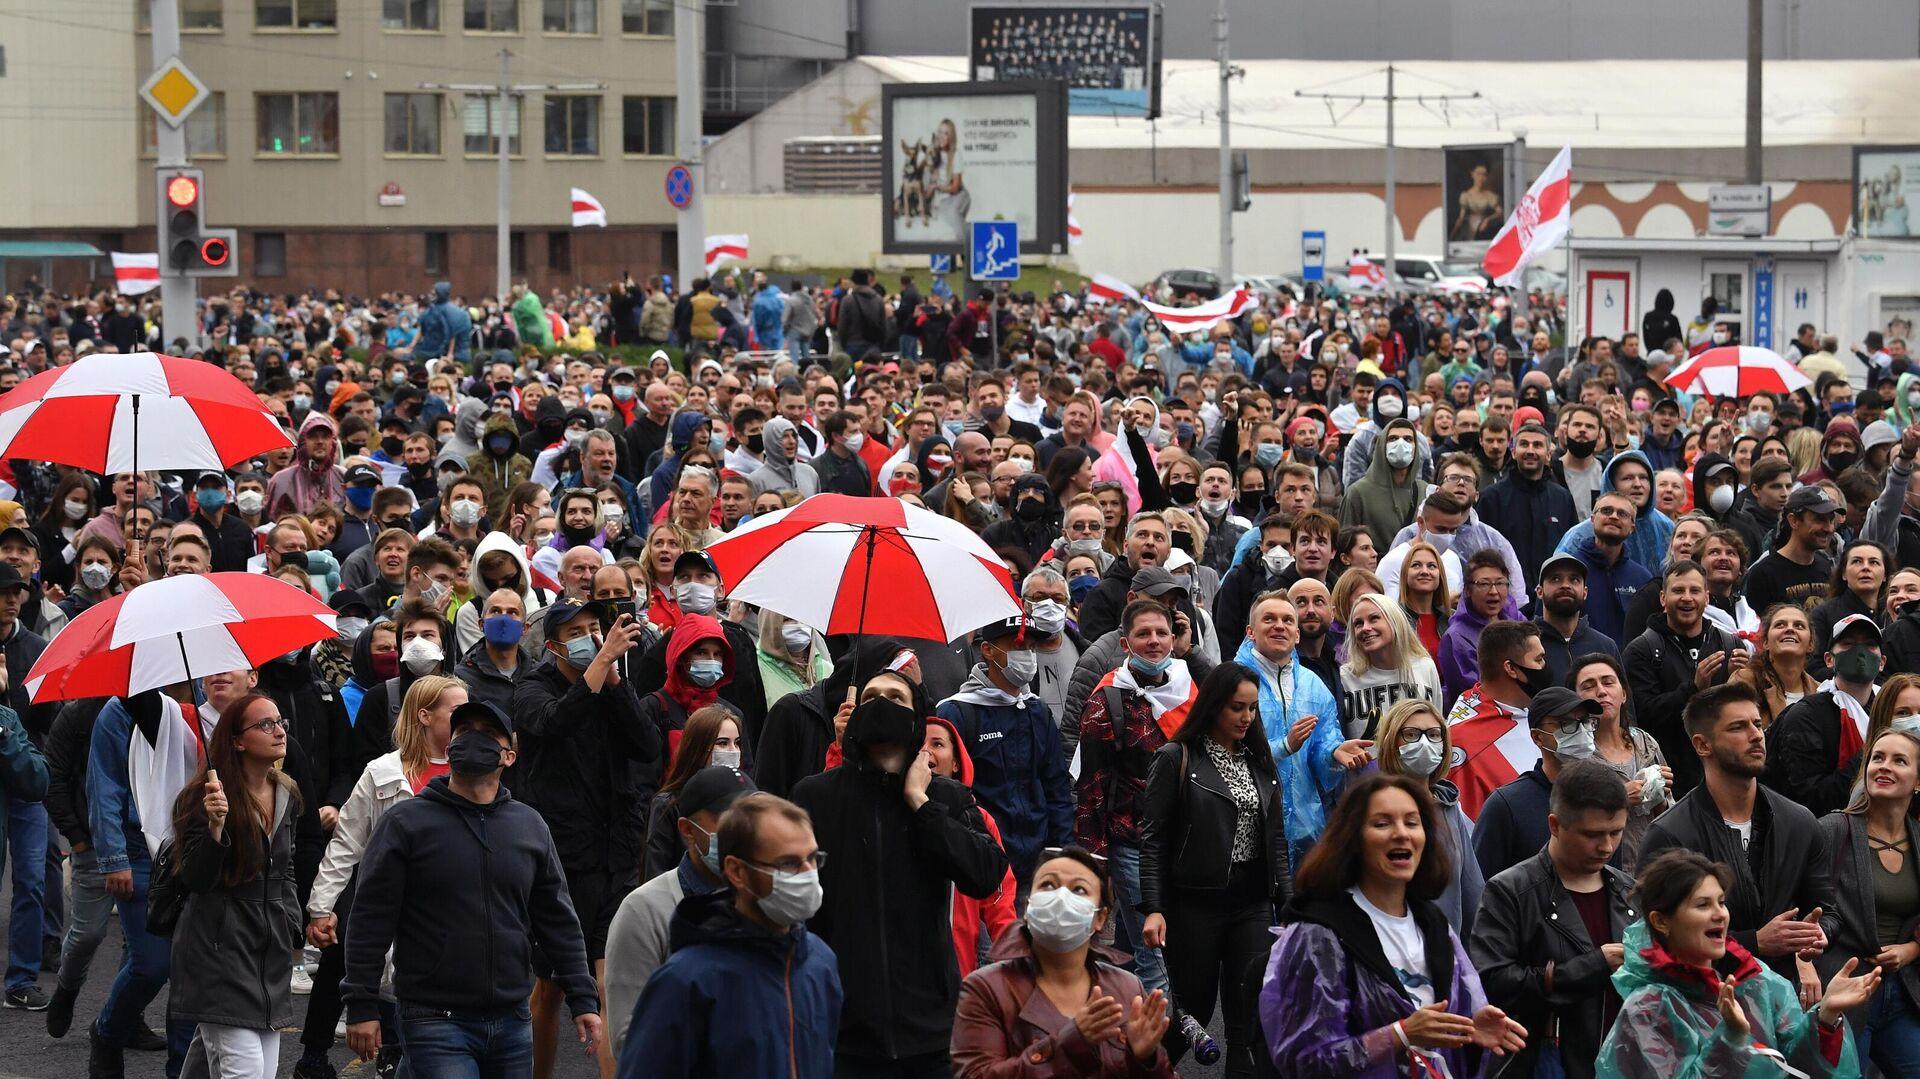 Участники несанкционированной акции протеста оппозиции в Минске - РИА Новости, 1920, 28.09.2020